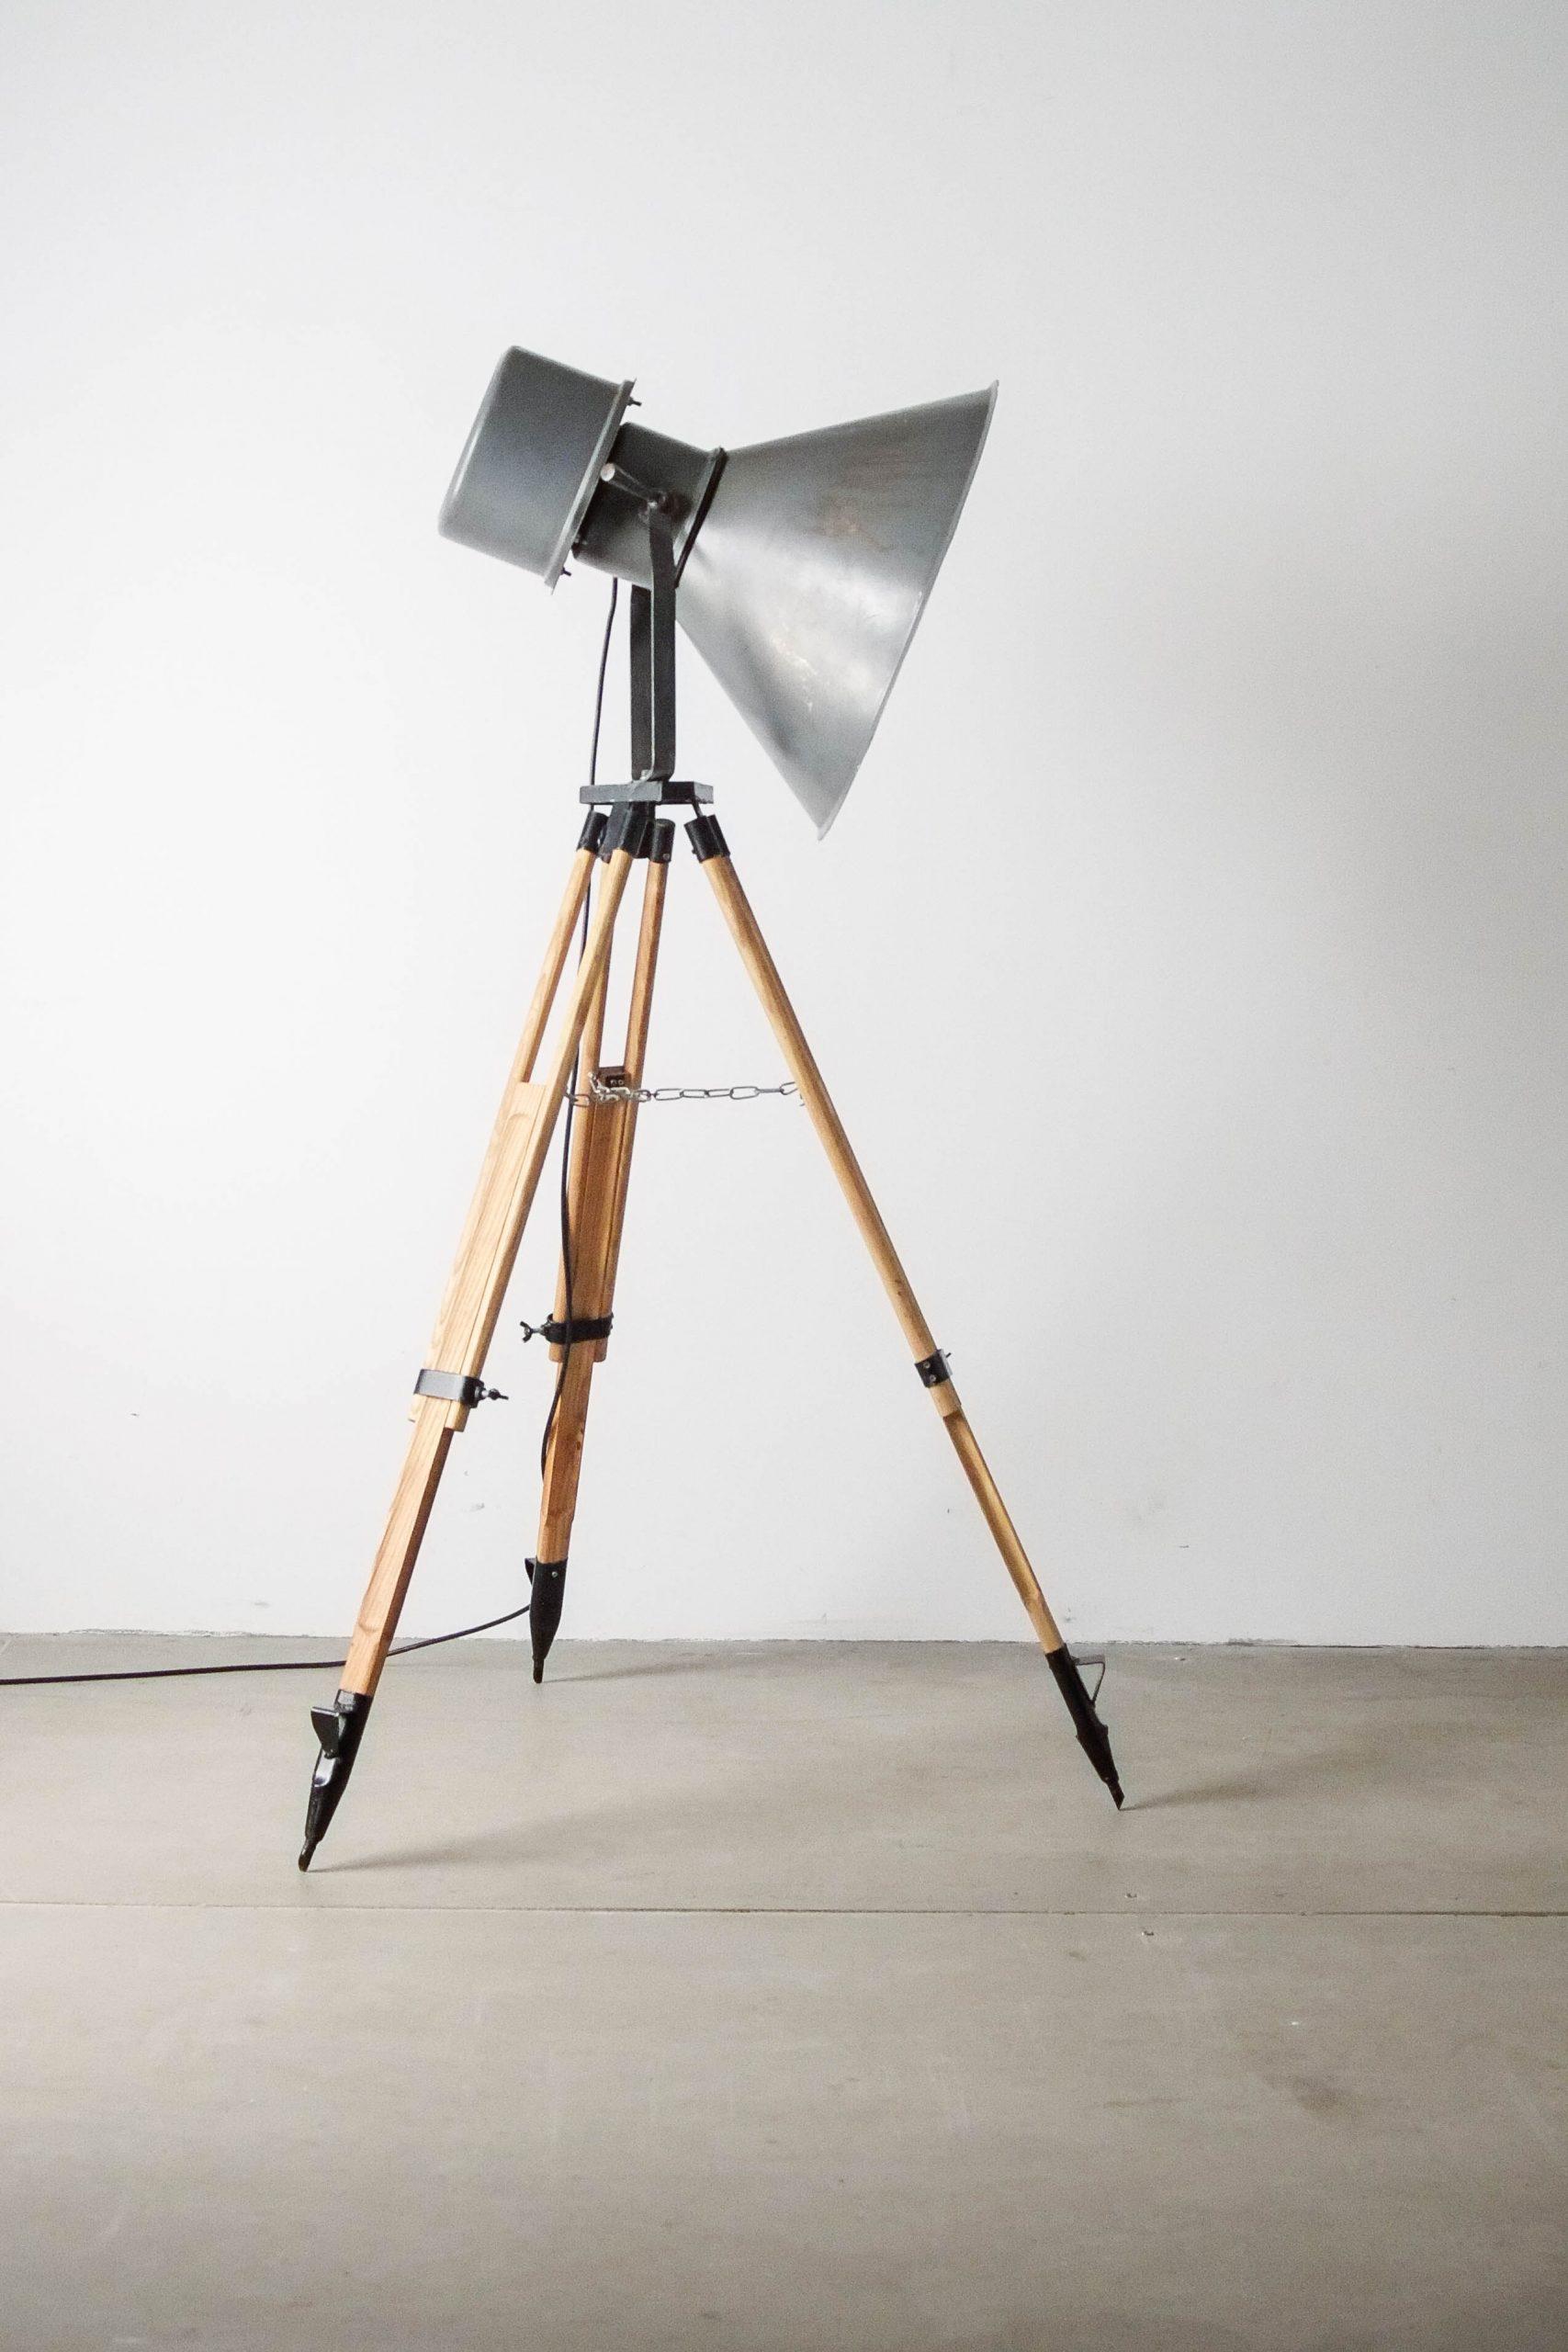 detalle ajustable foco lampara de pie diseño